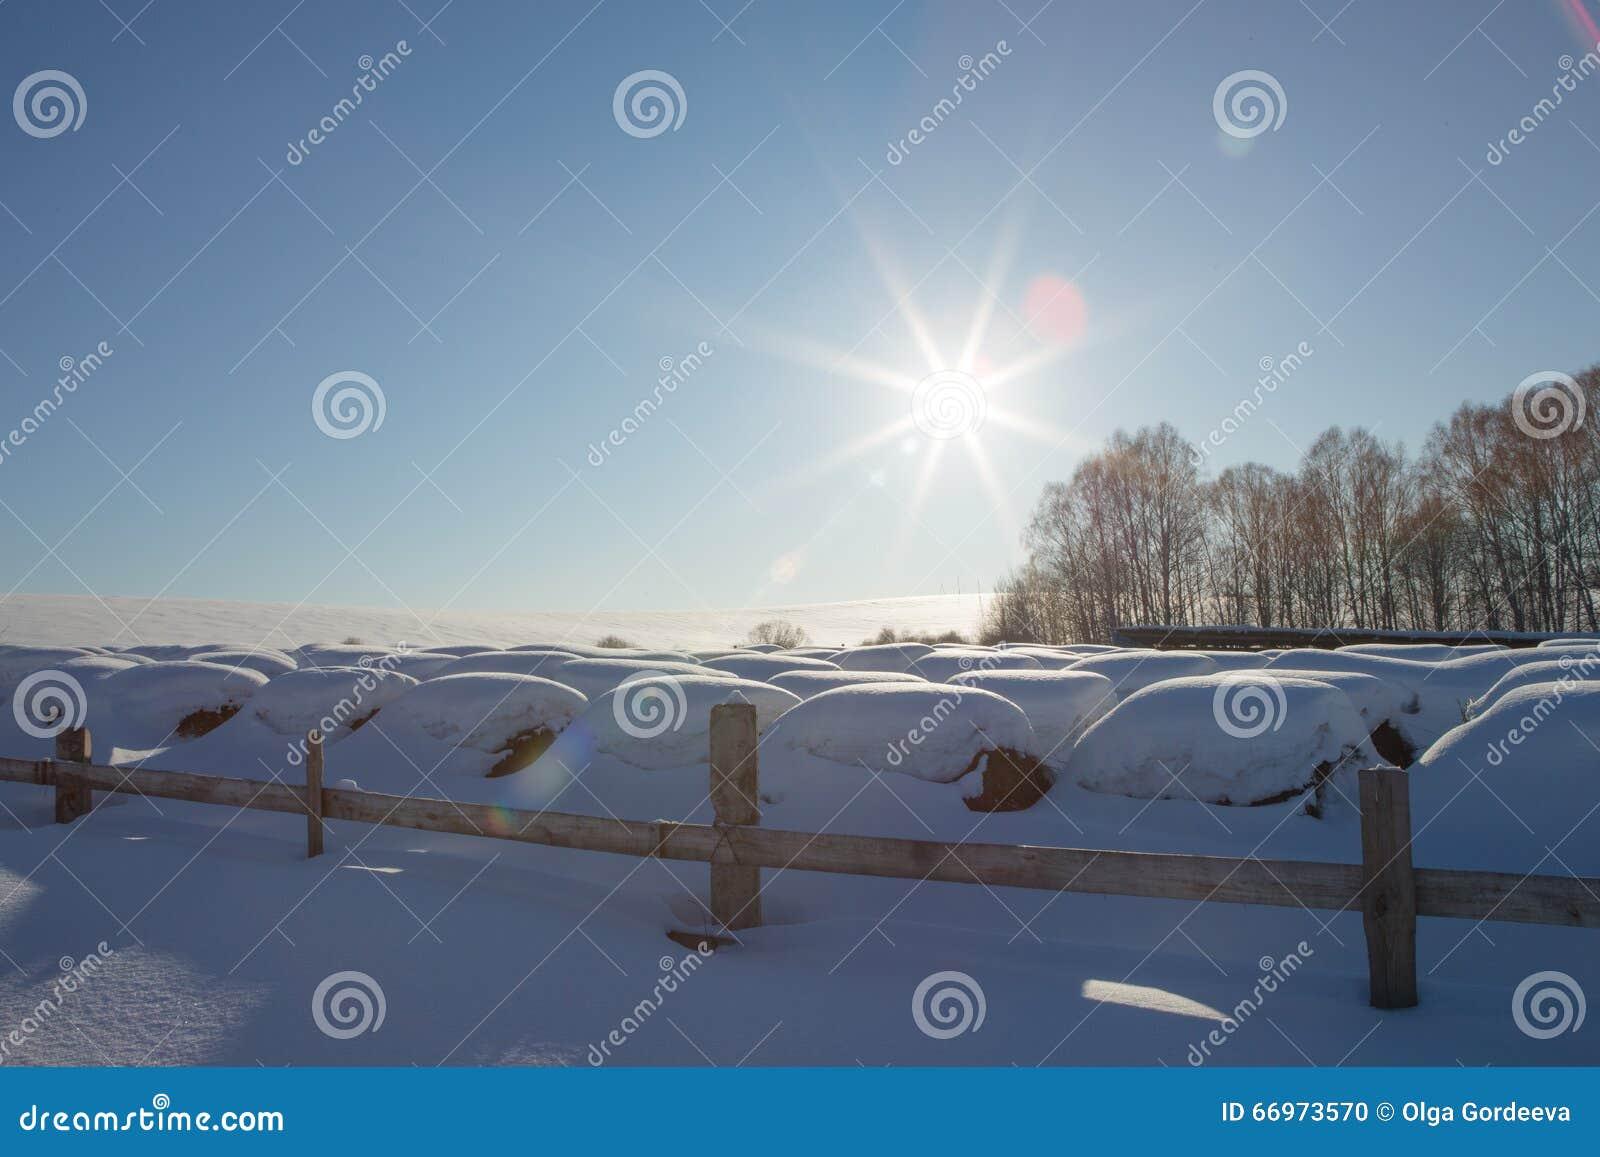 Baler av hö i ett vinterfält under snön höstackar i lantgården